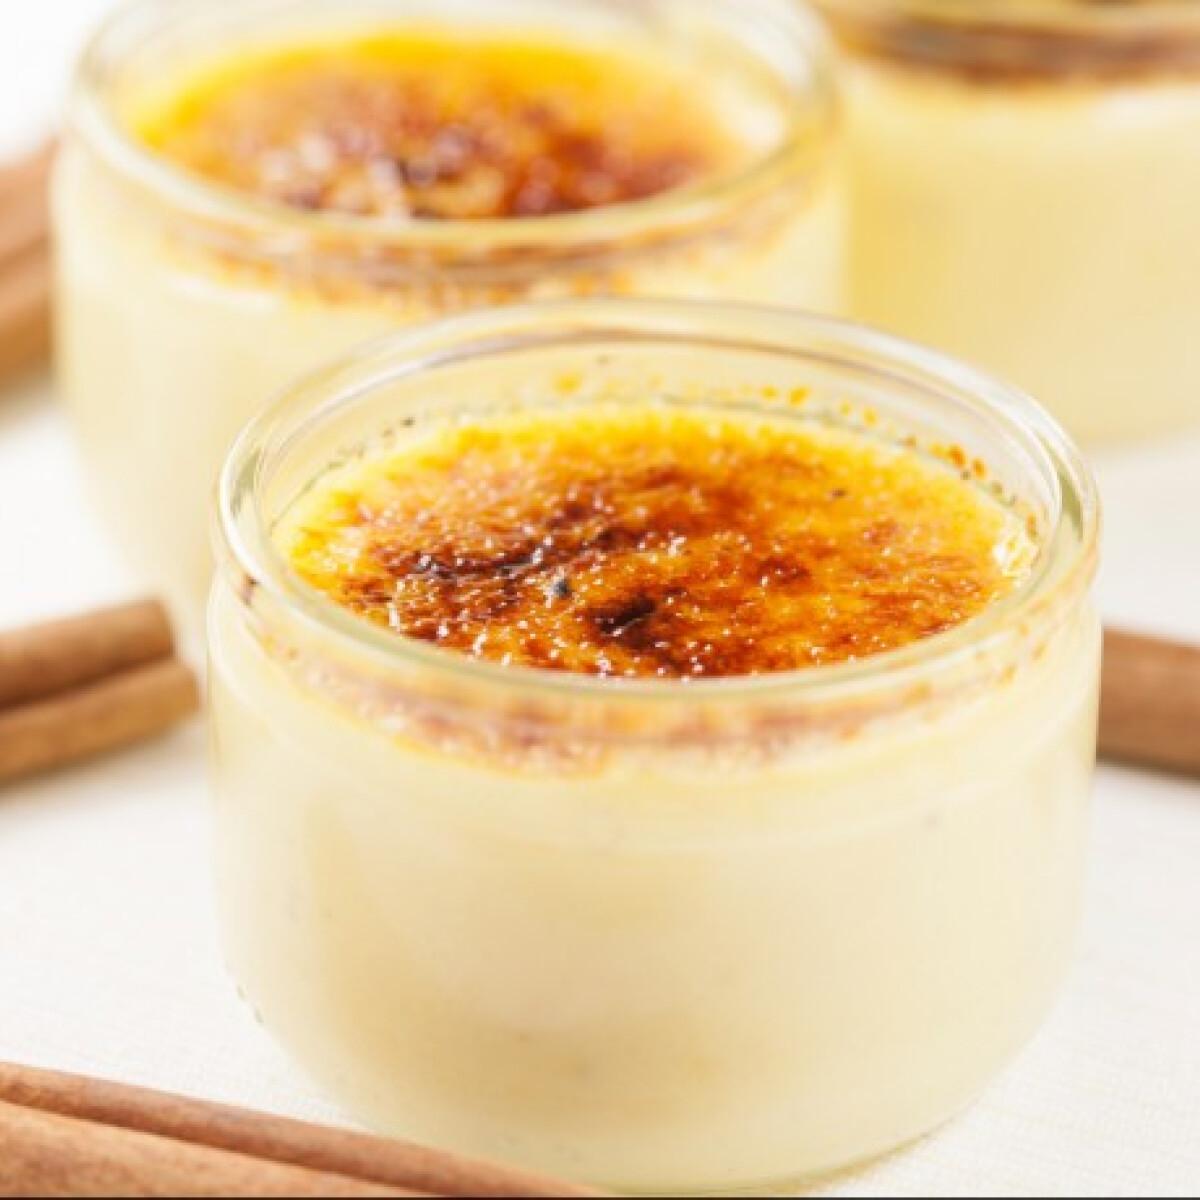 Bal banános-kardamomos crème brûlée-je